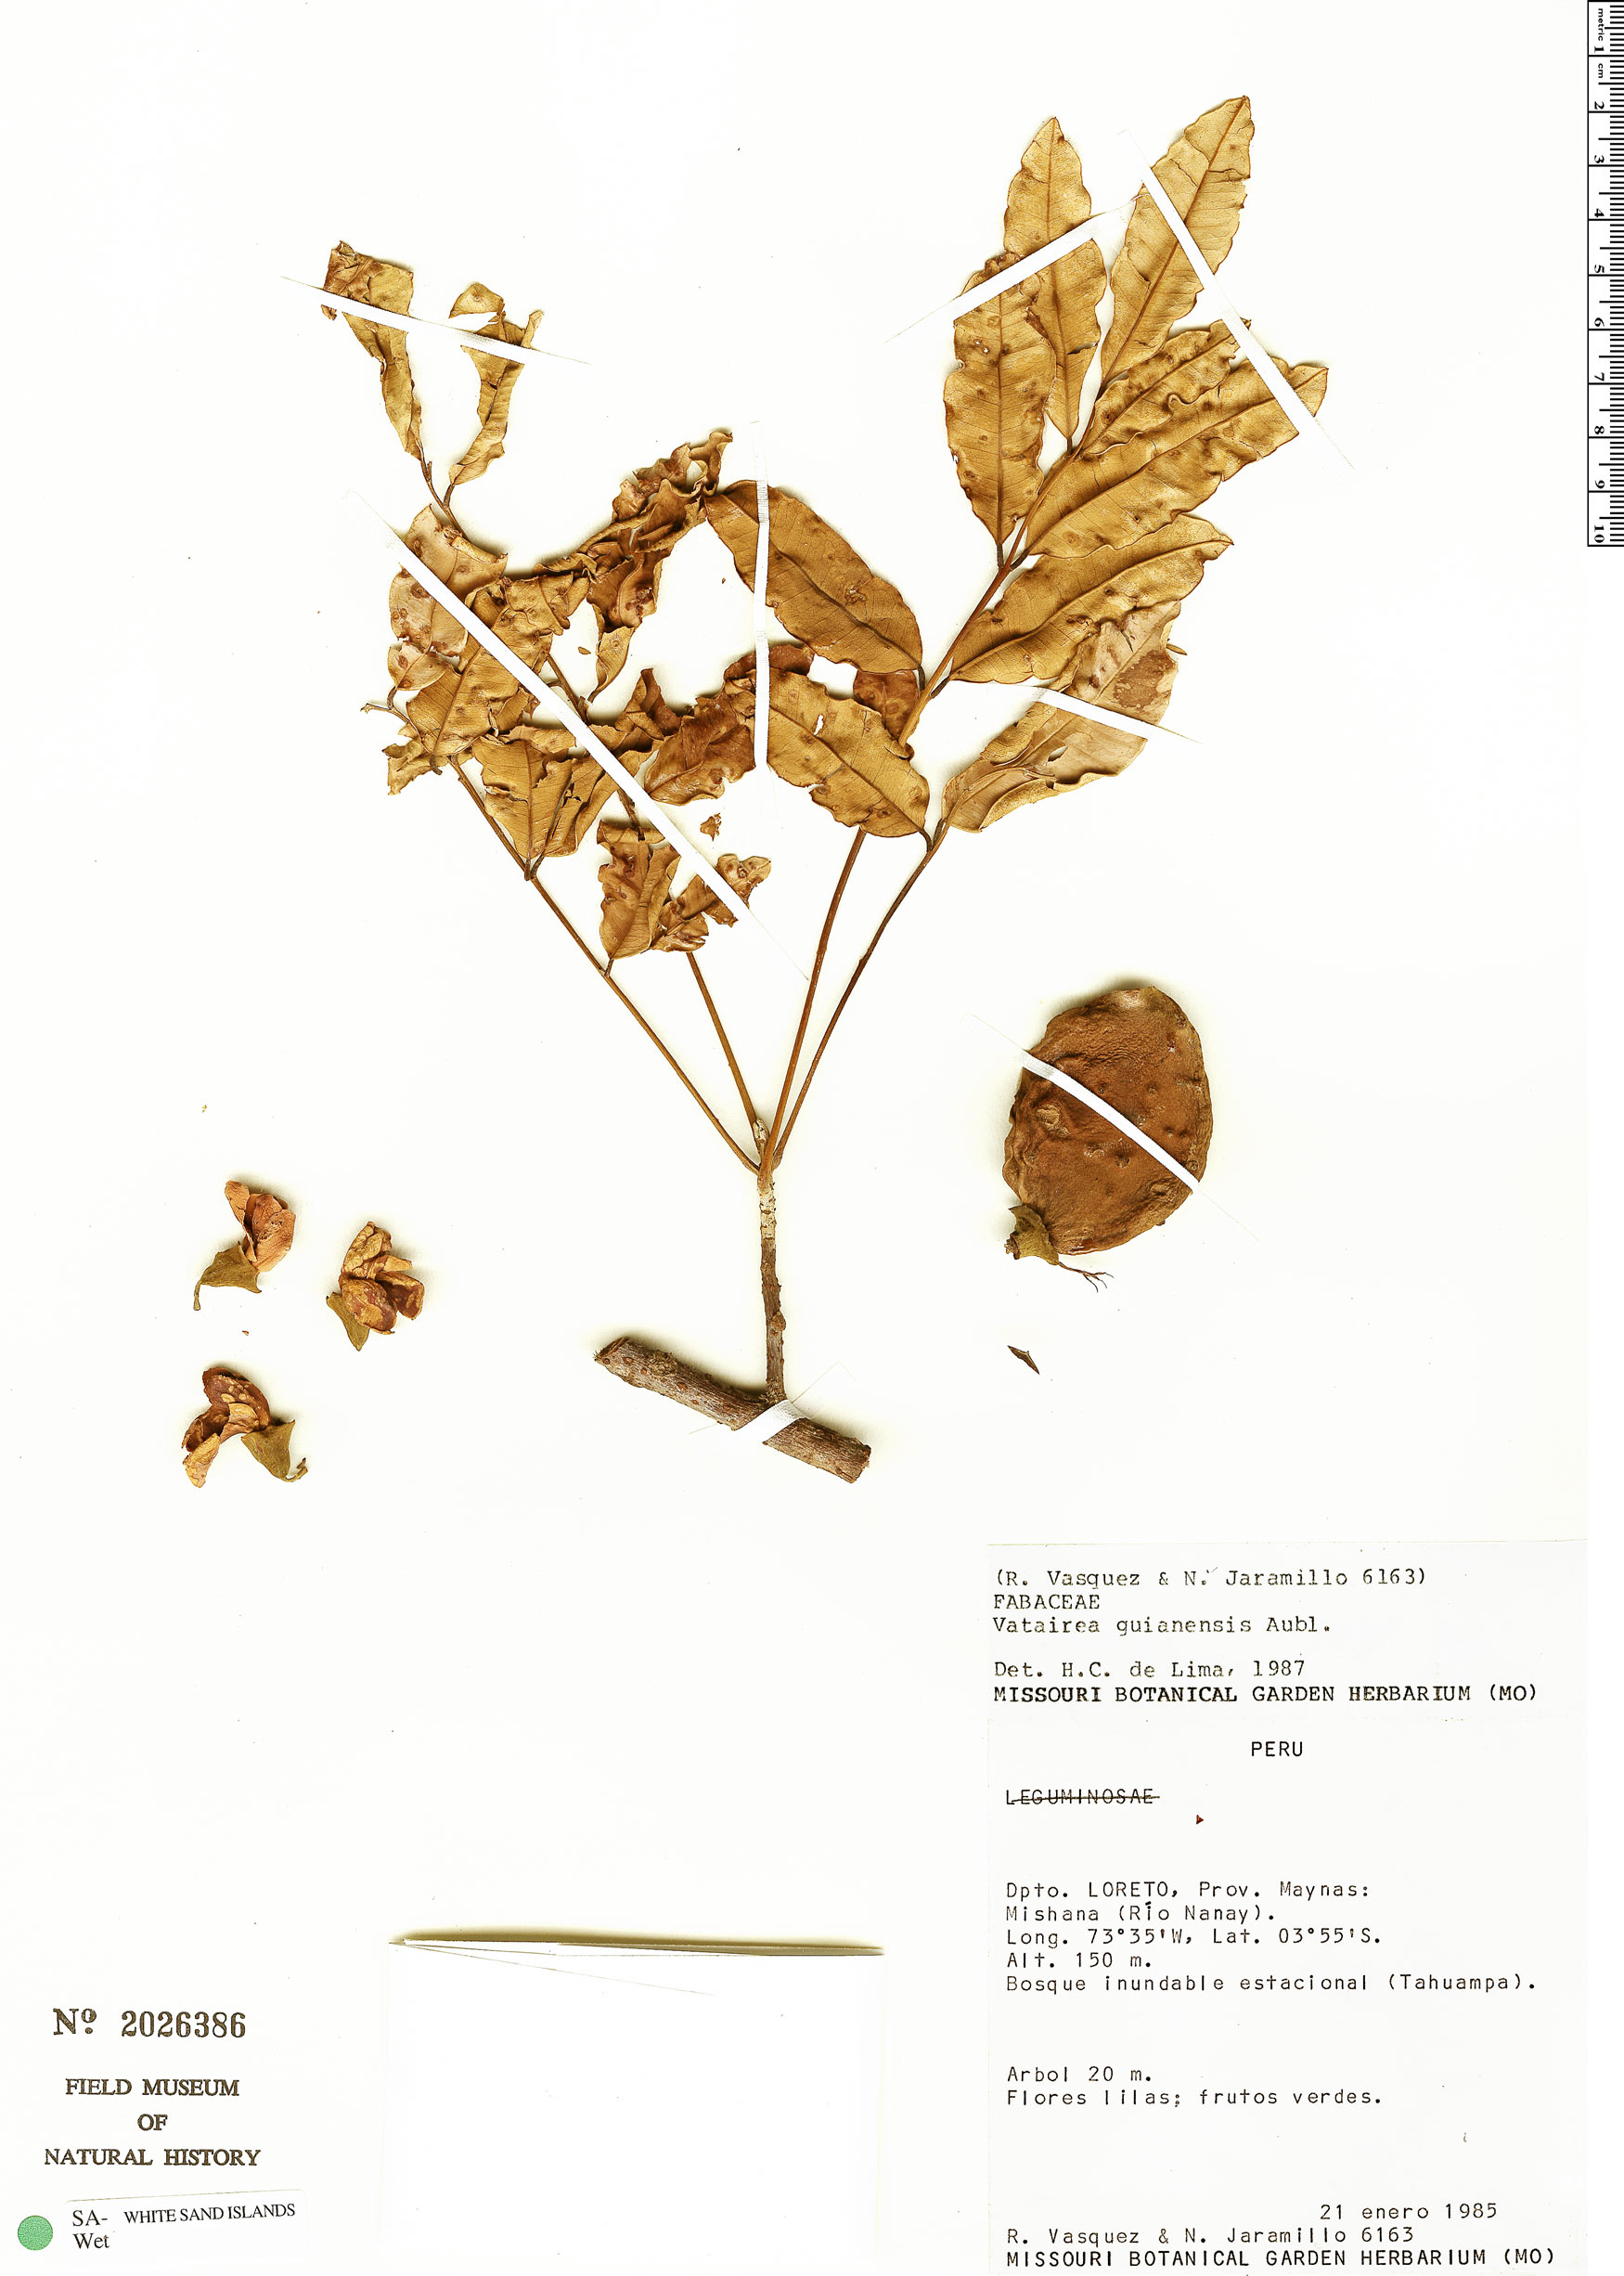 Specimen: Vatairea guianensis